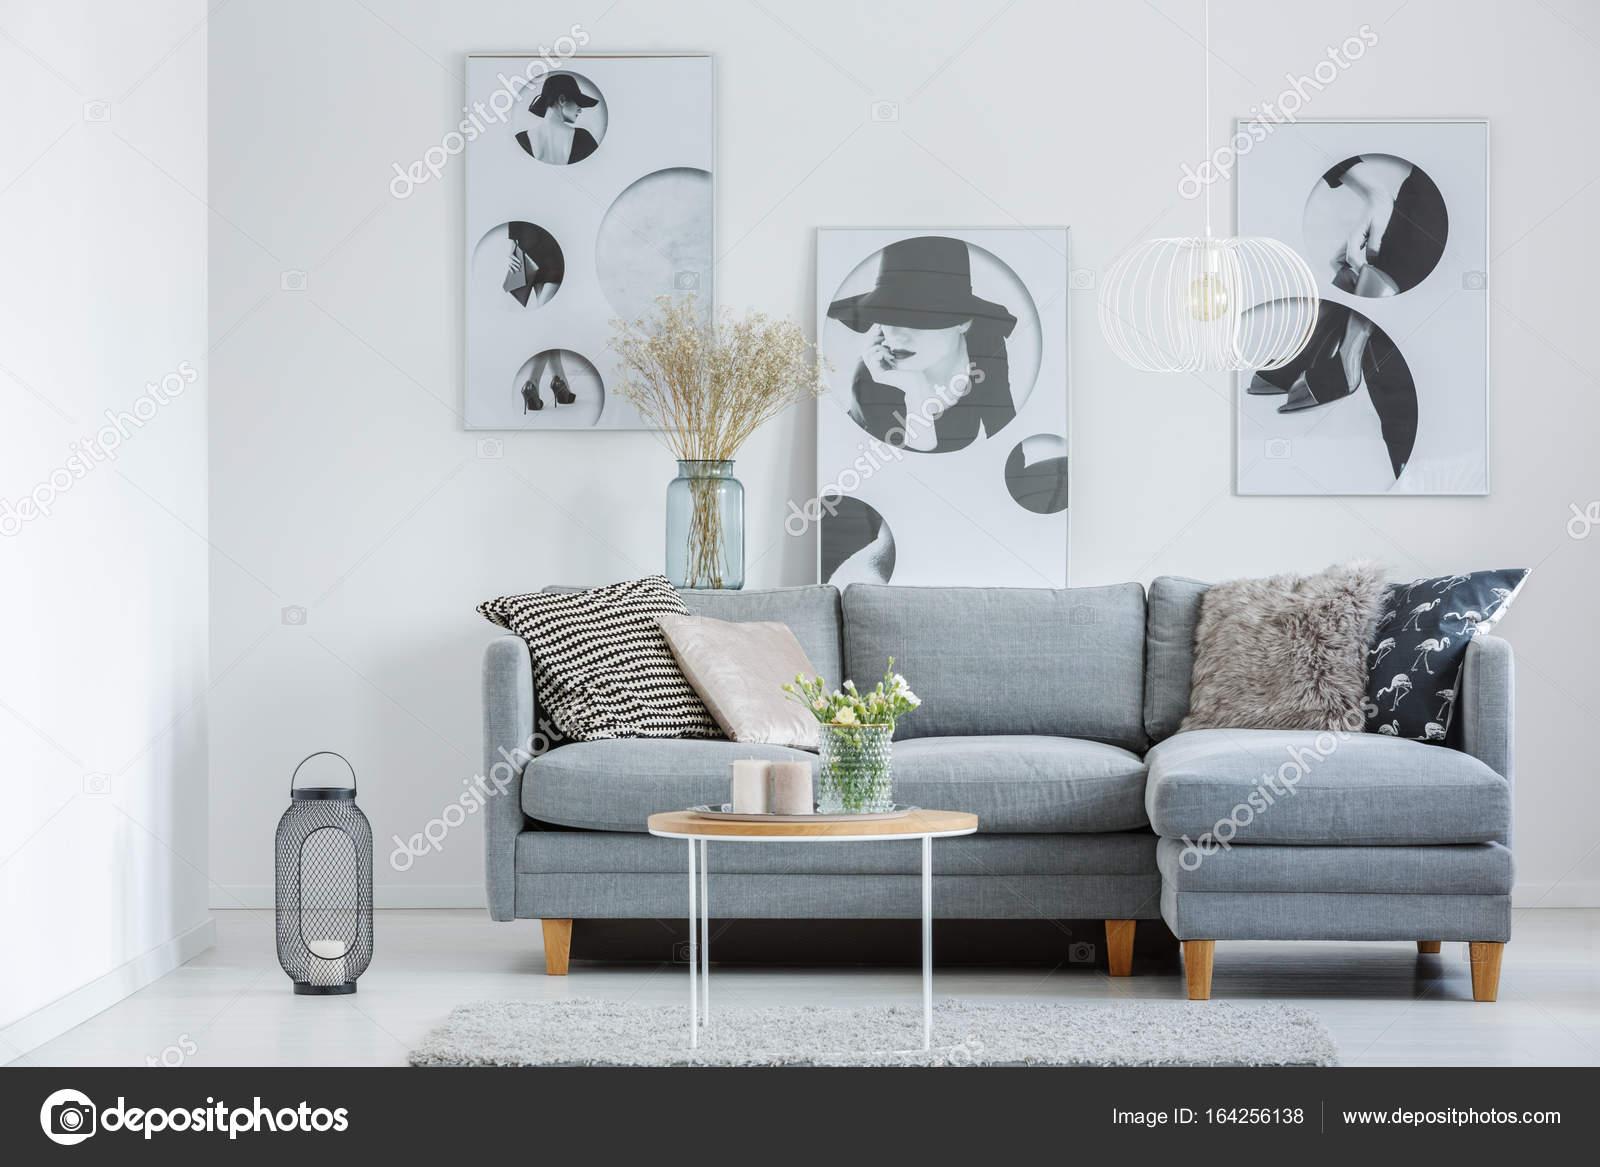 Woonkamer met klassieke posters — Stockfoto © photographee.eu #164256138